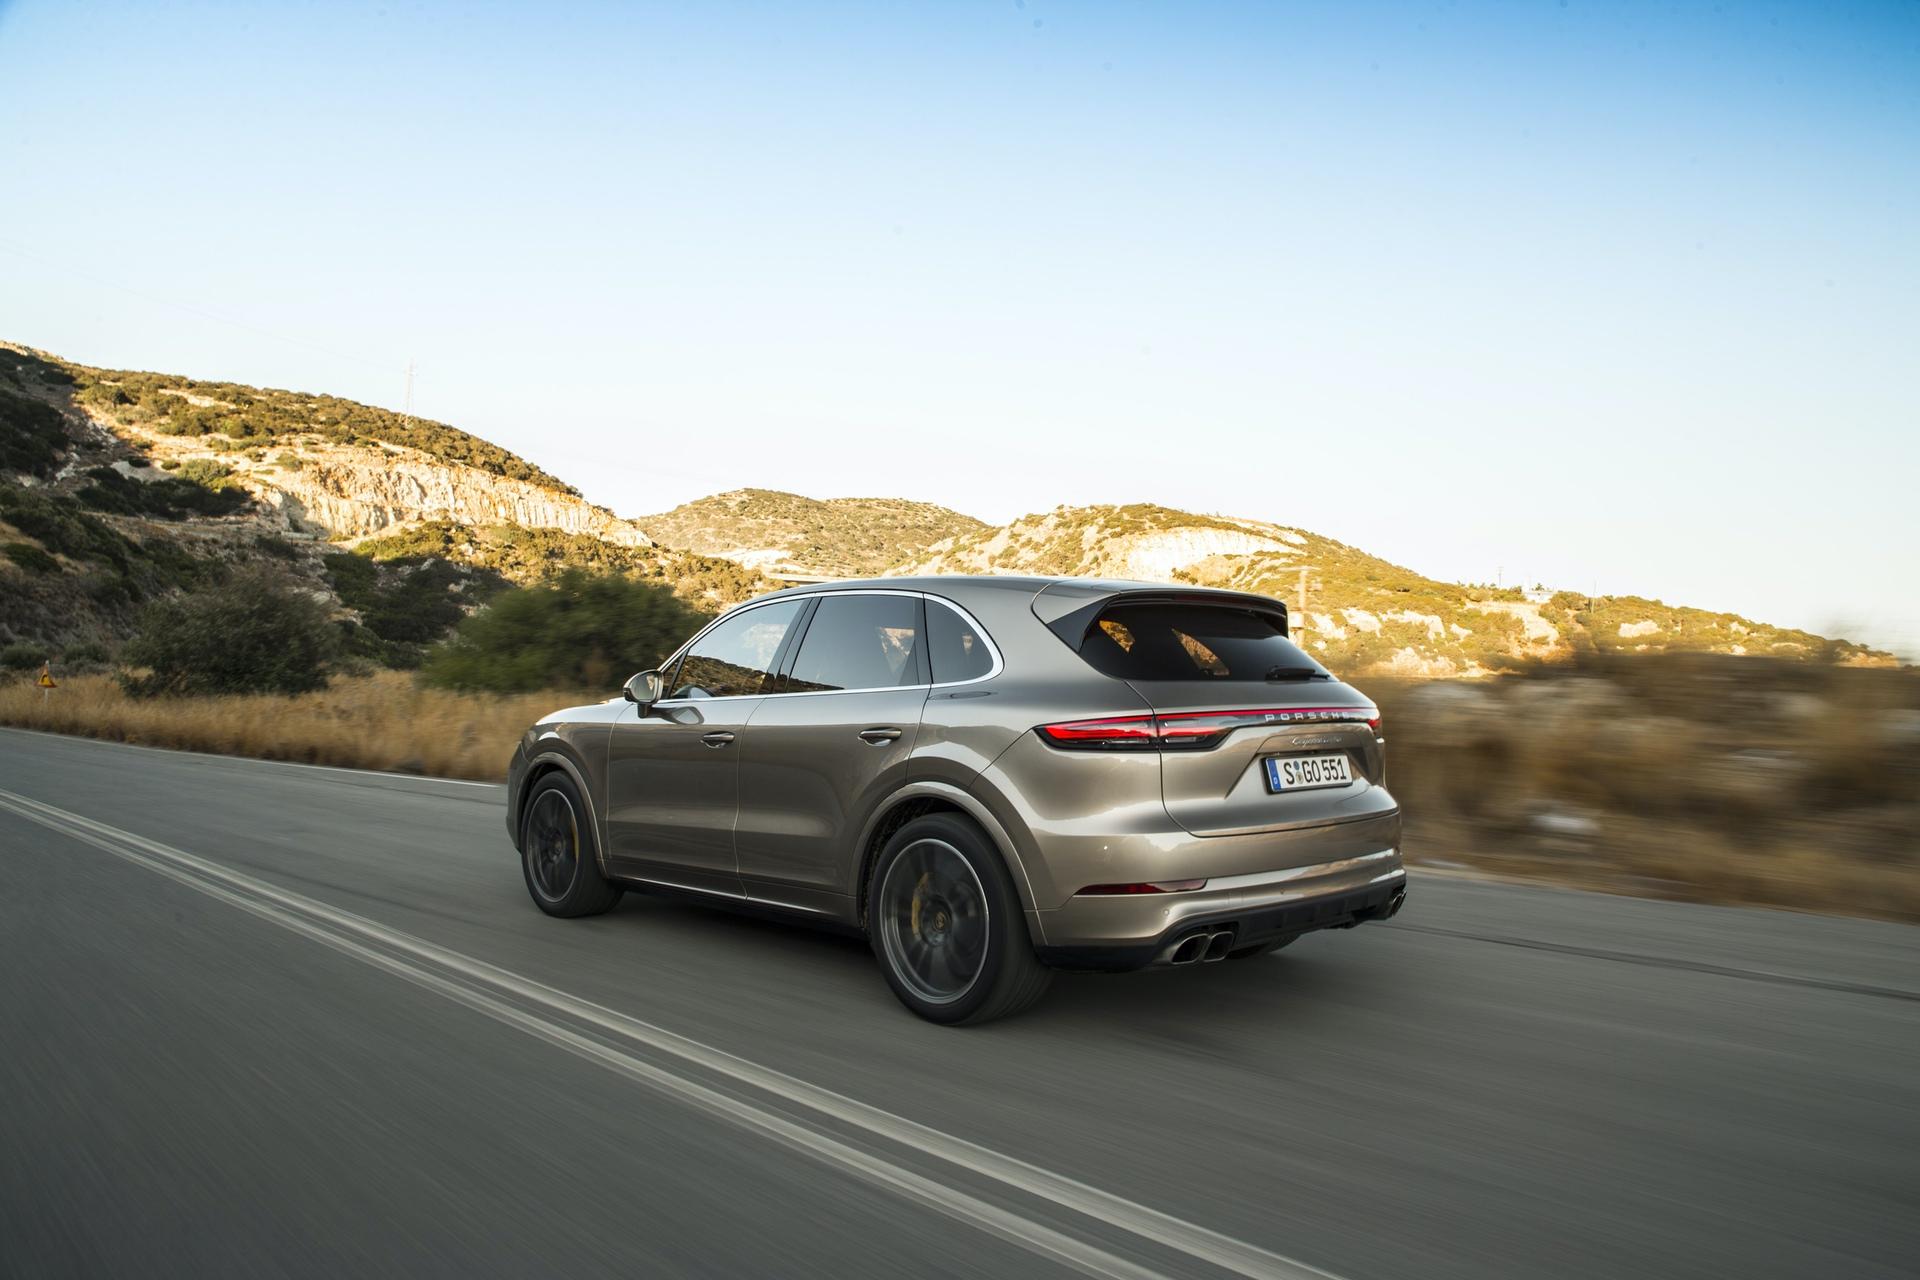 Test_Drive_Porsche_Cayenne_113